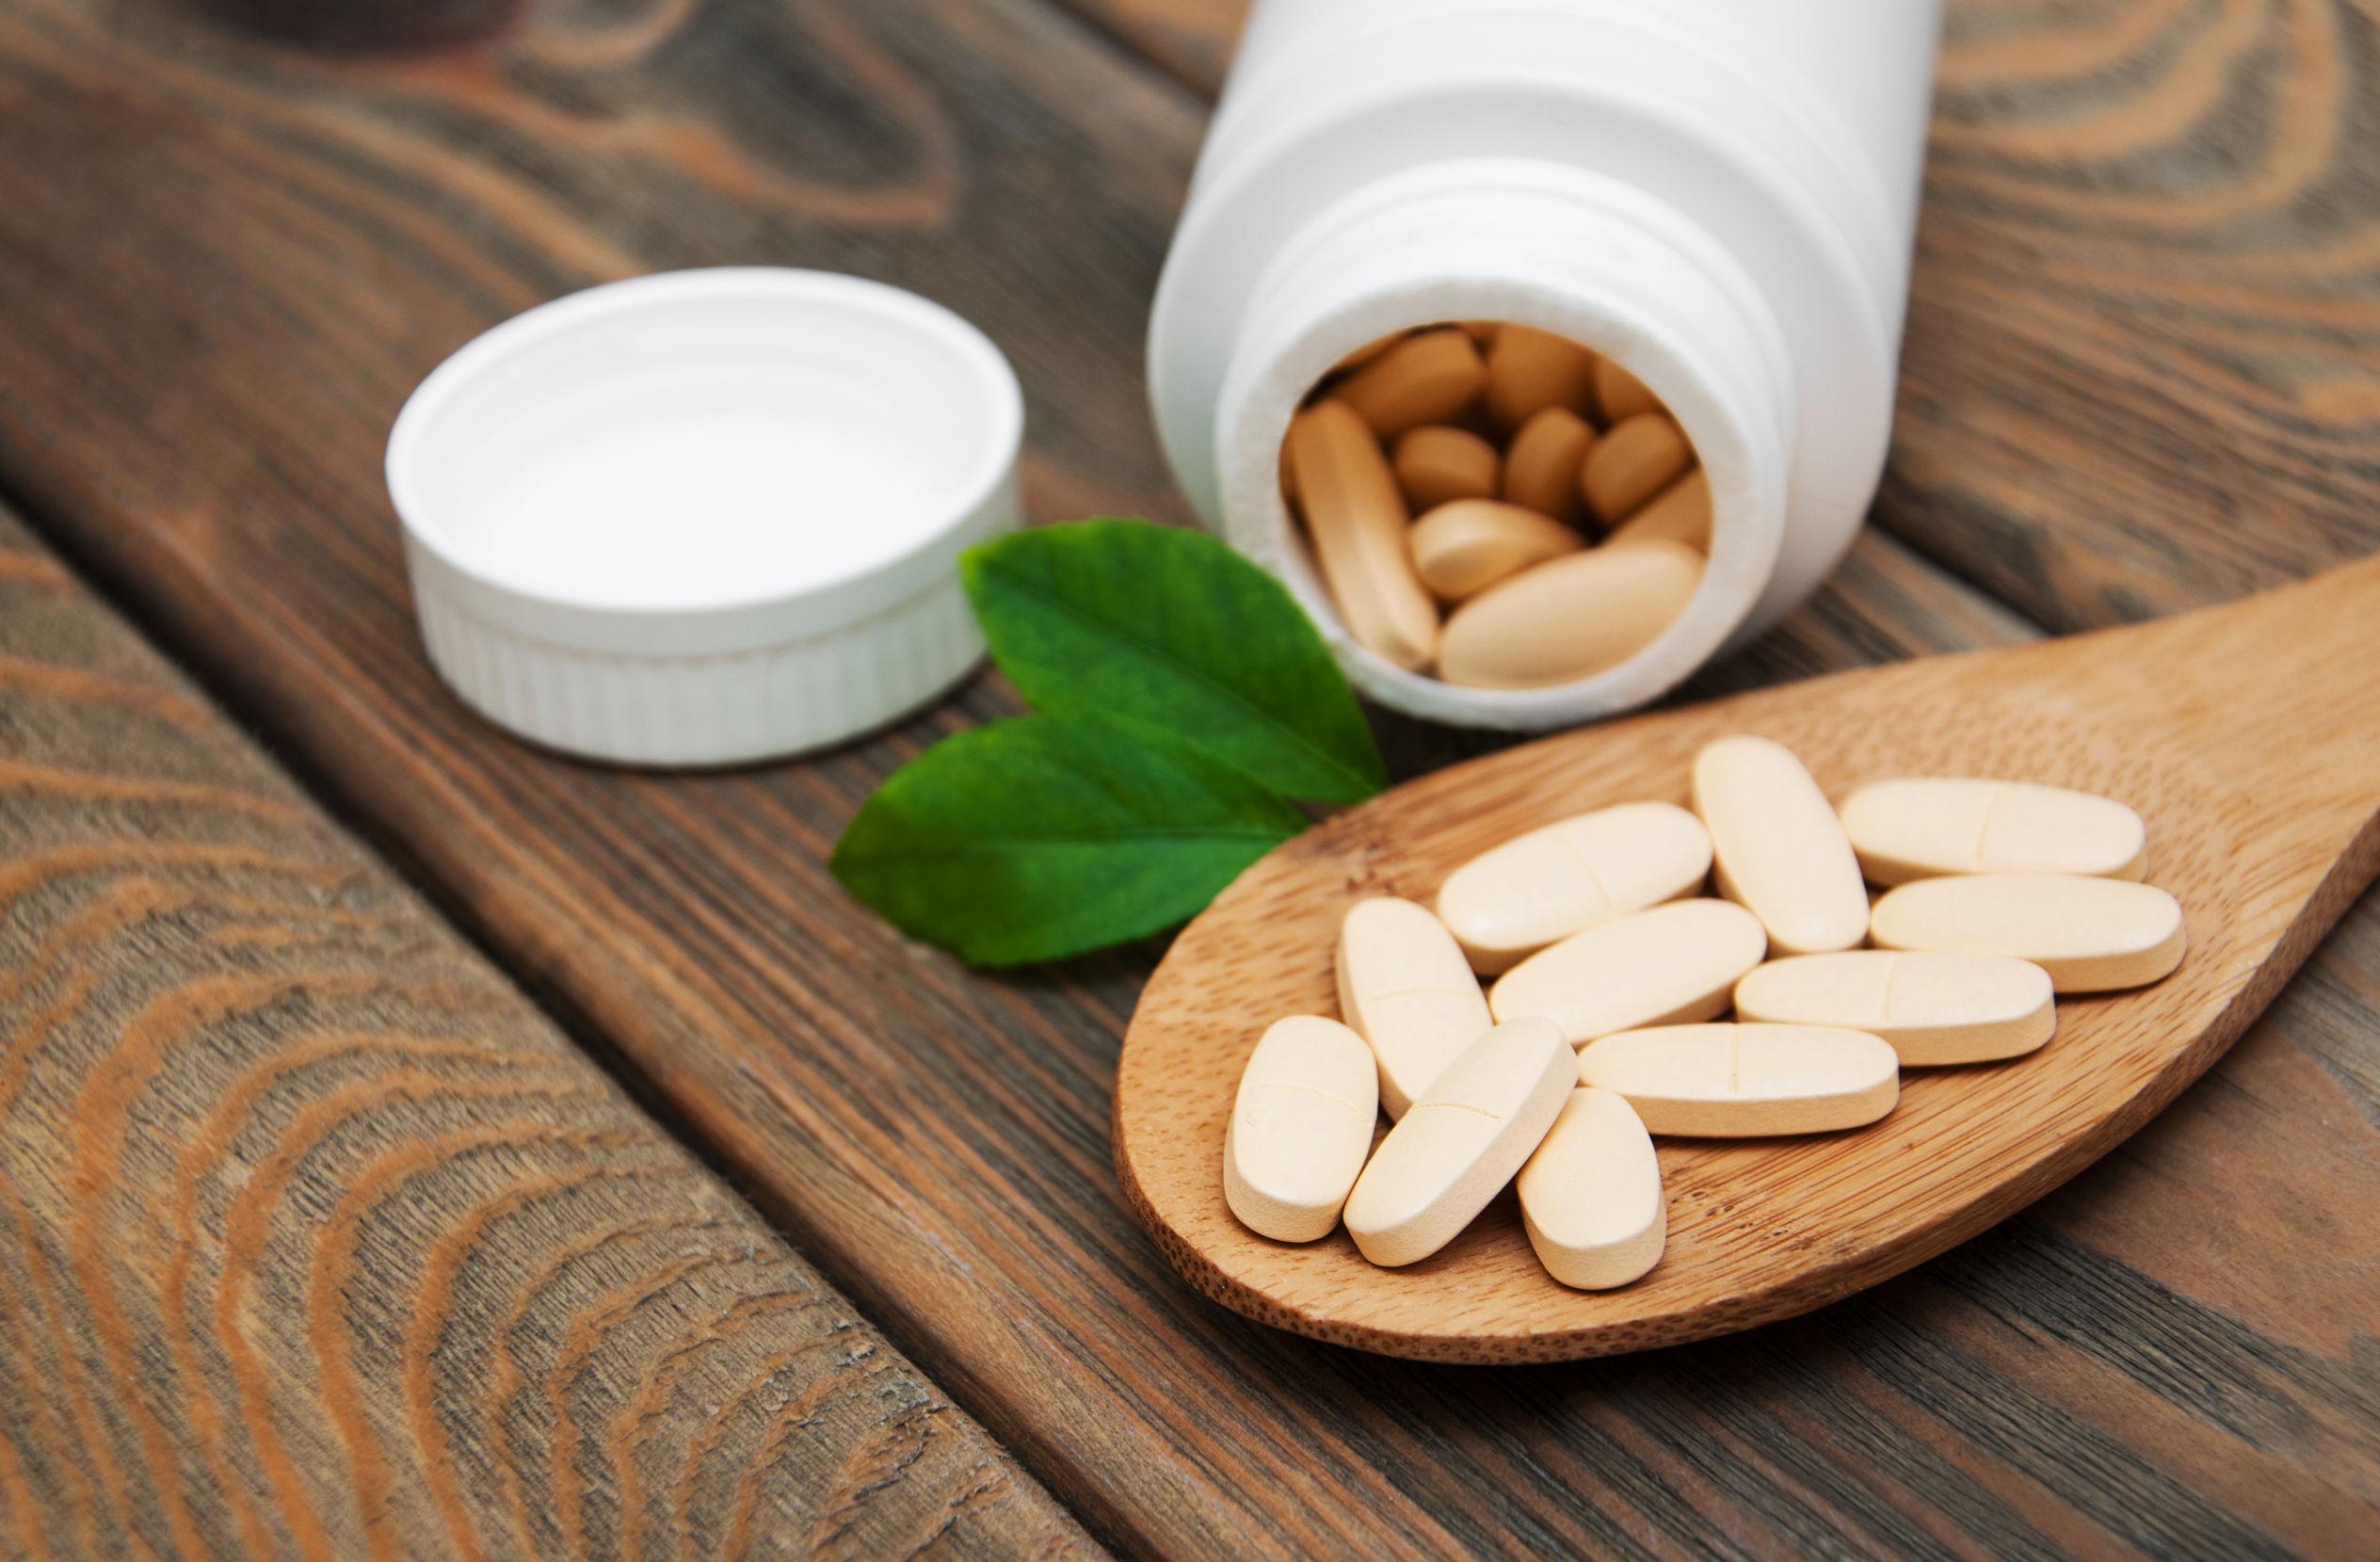 Magnesiummangel: Symptome und mögliche Ansätze zur Behandlung